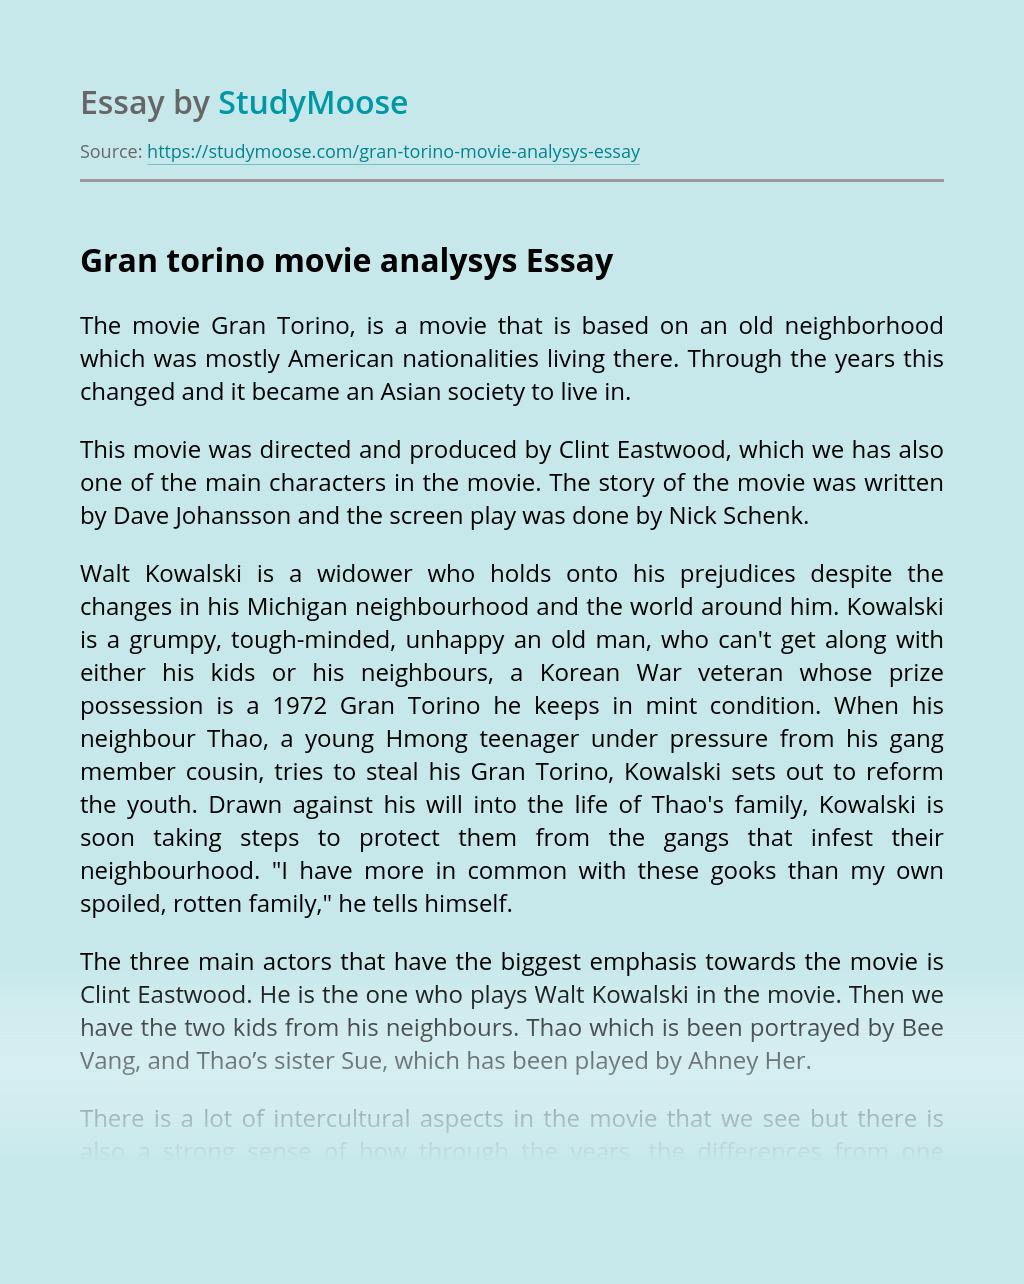 Gran torino movie analysys